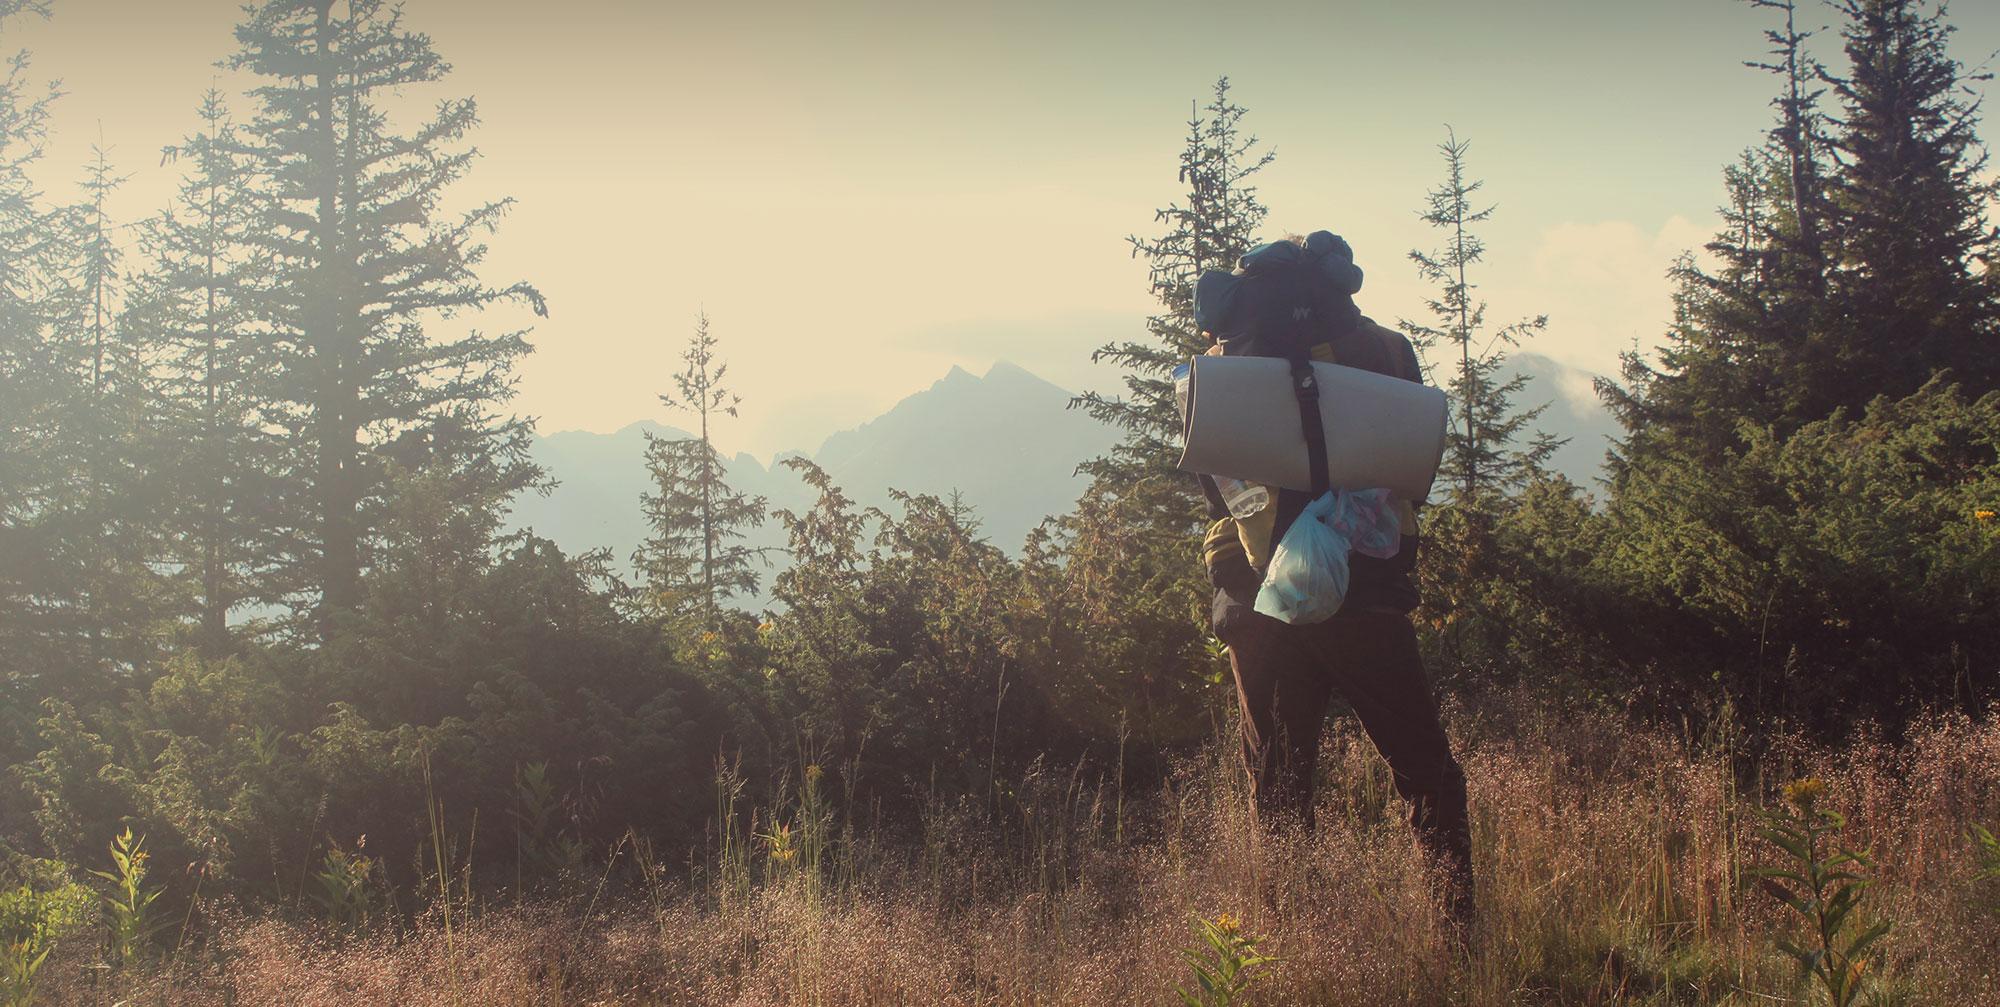 Andarilho observando o horizonte em uma floresta